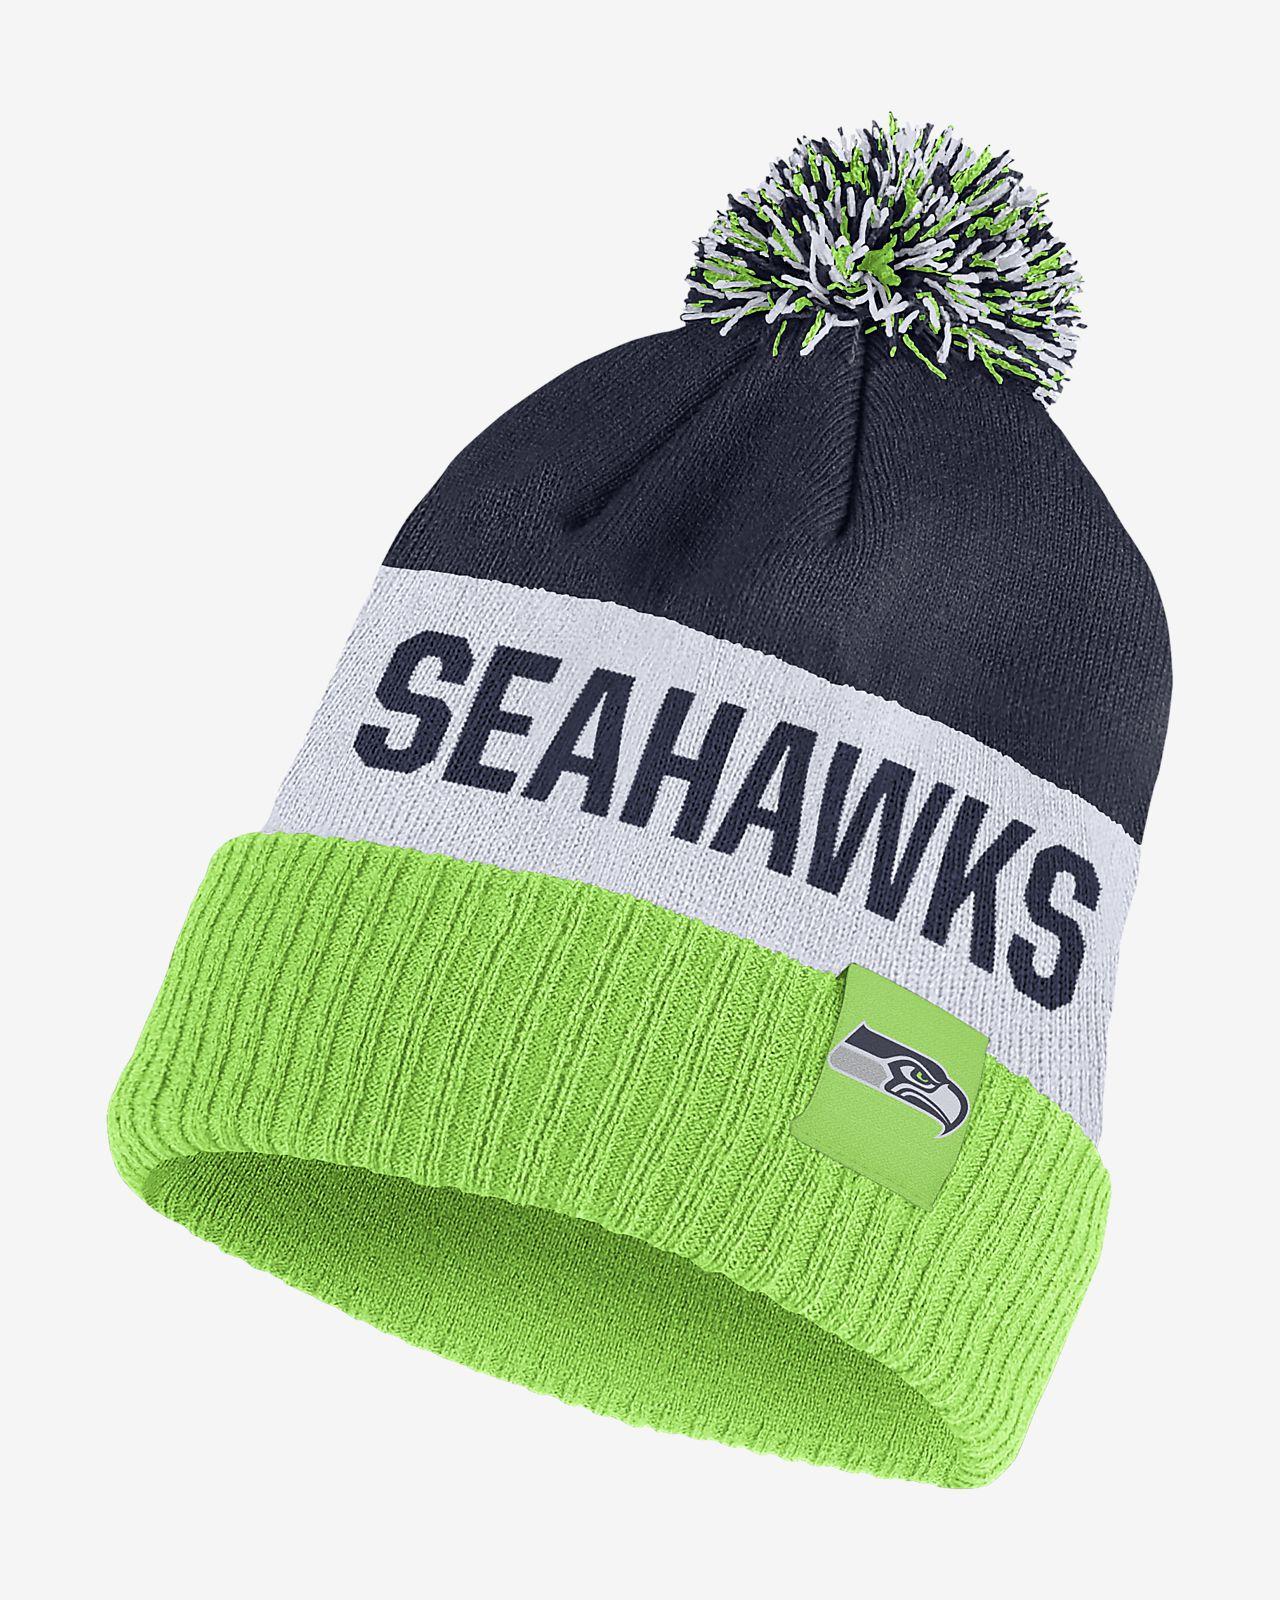 Mössa Nike (NFL Seahawks)